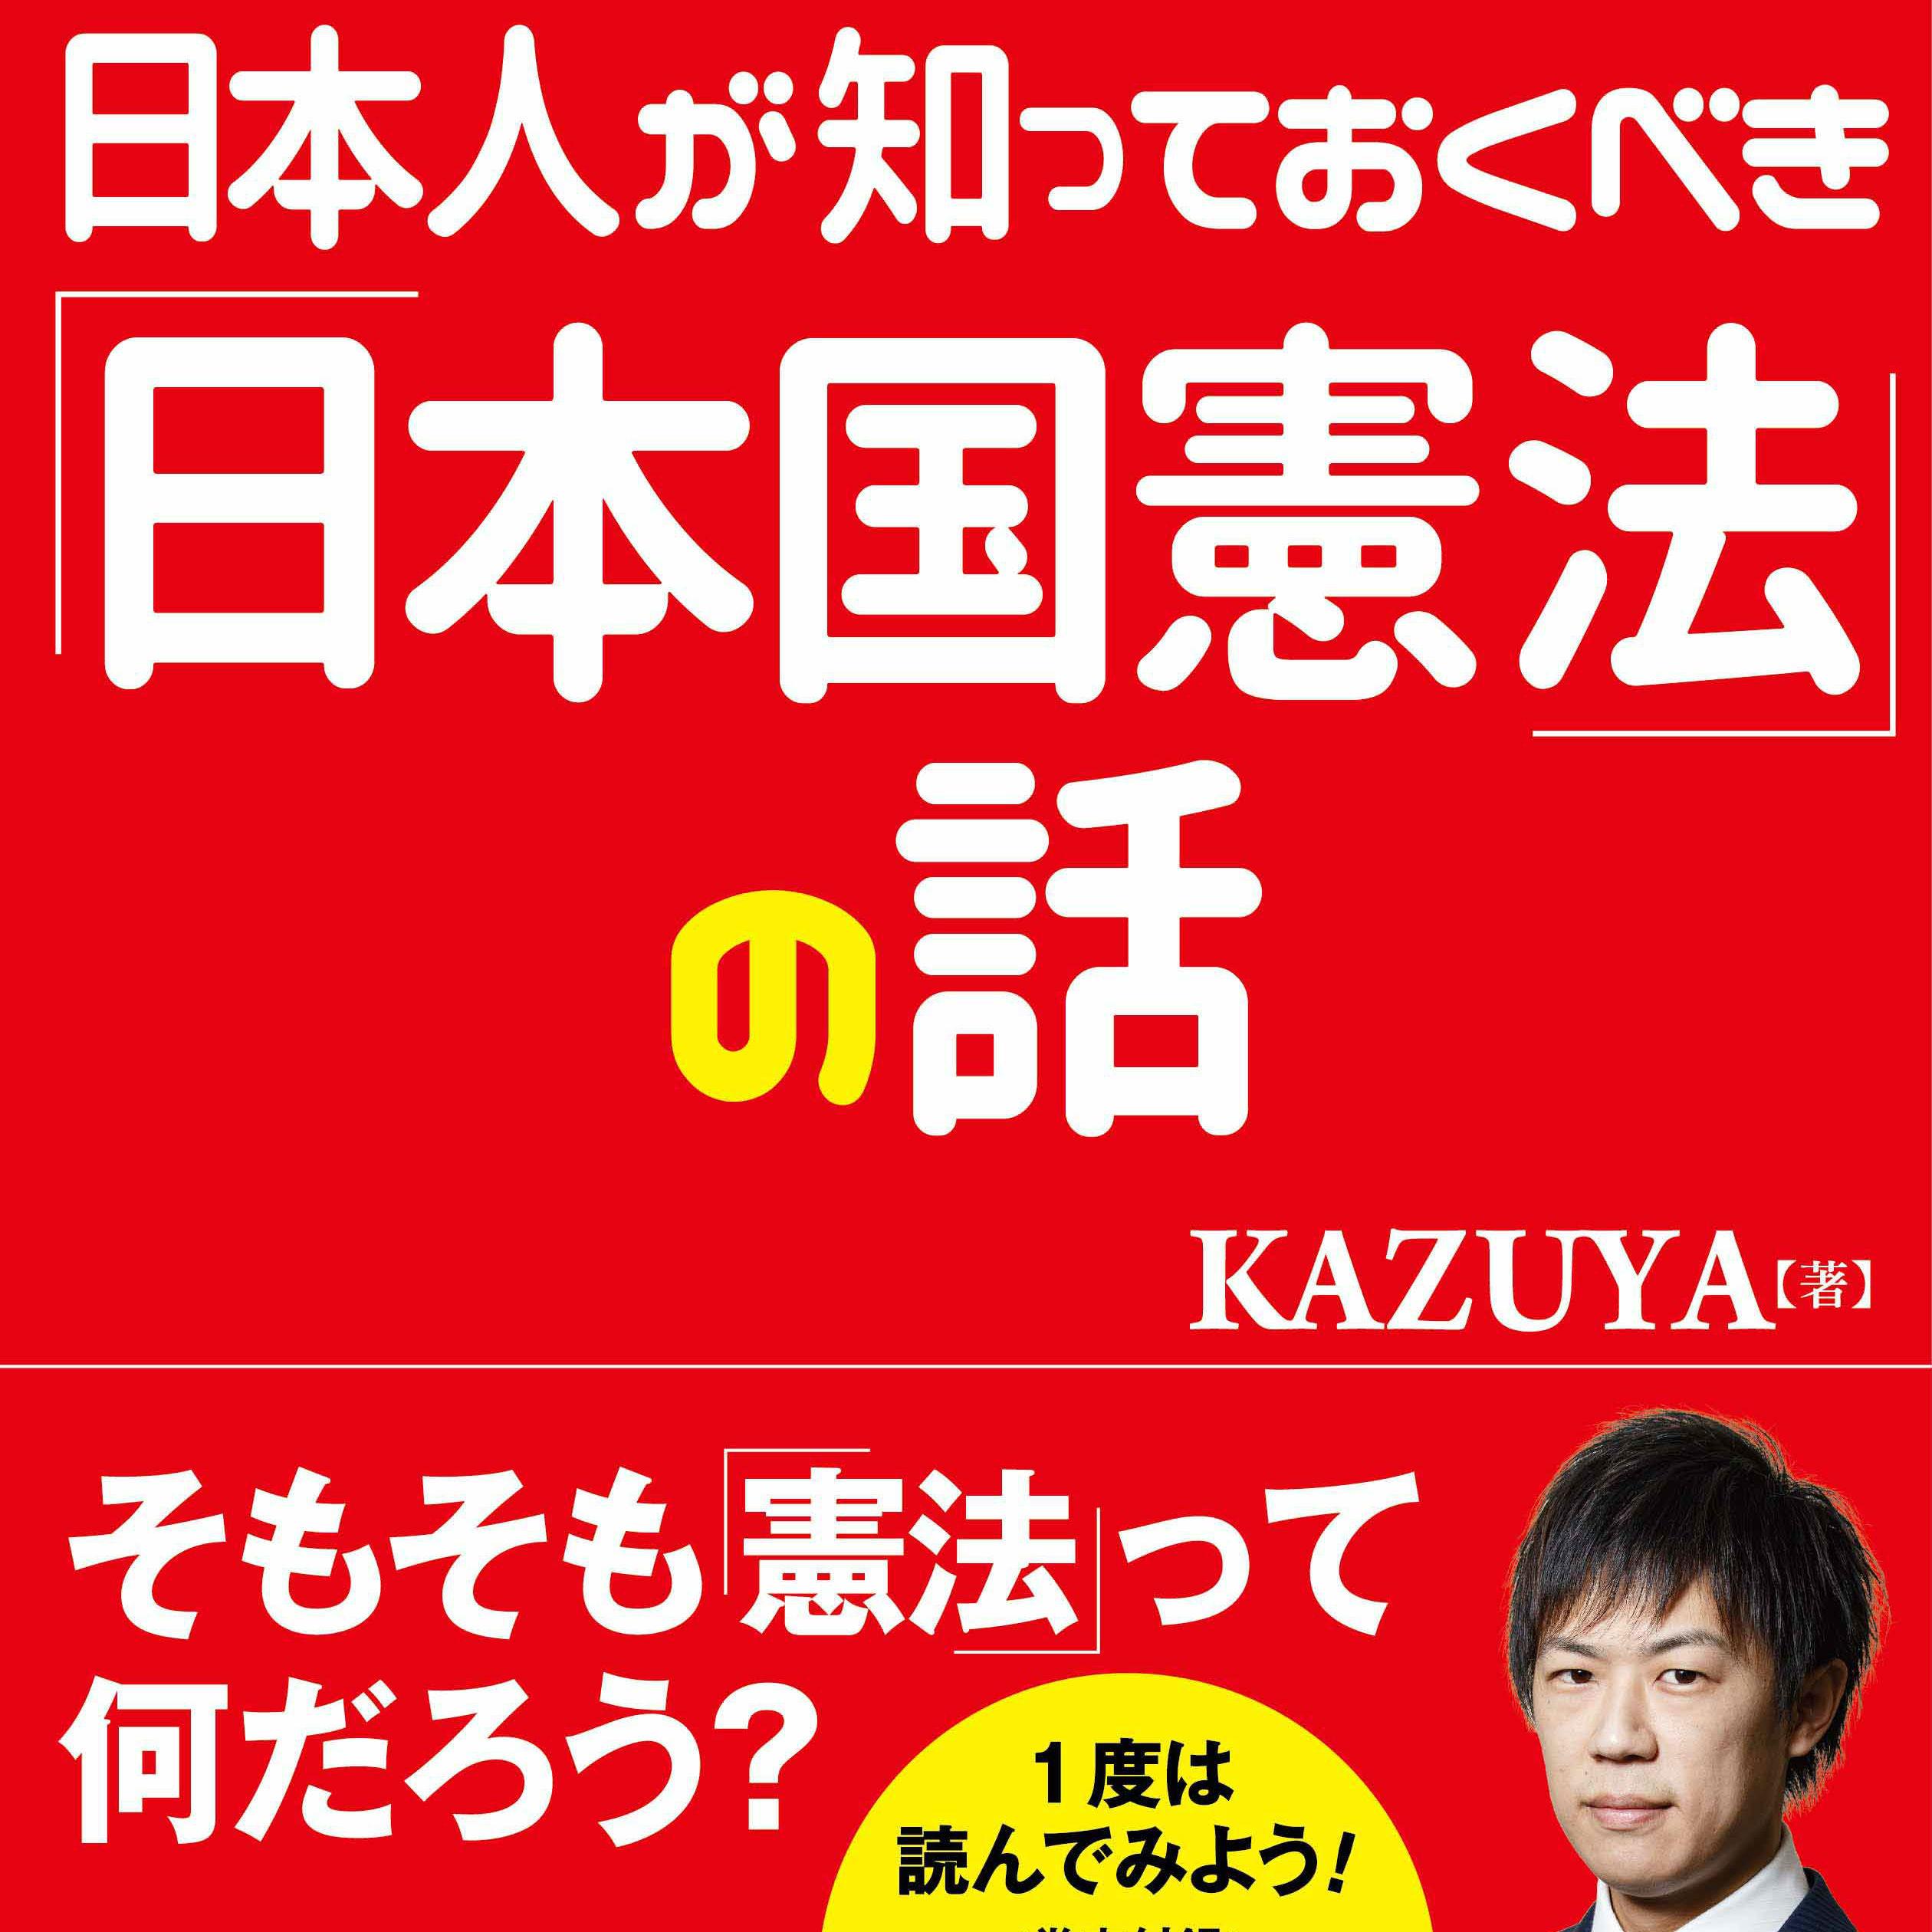 「日本国憲法」は良いもの? 「大日本帝国憲法」は悪いもの?